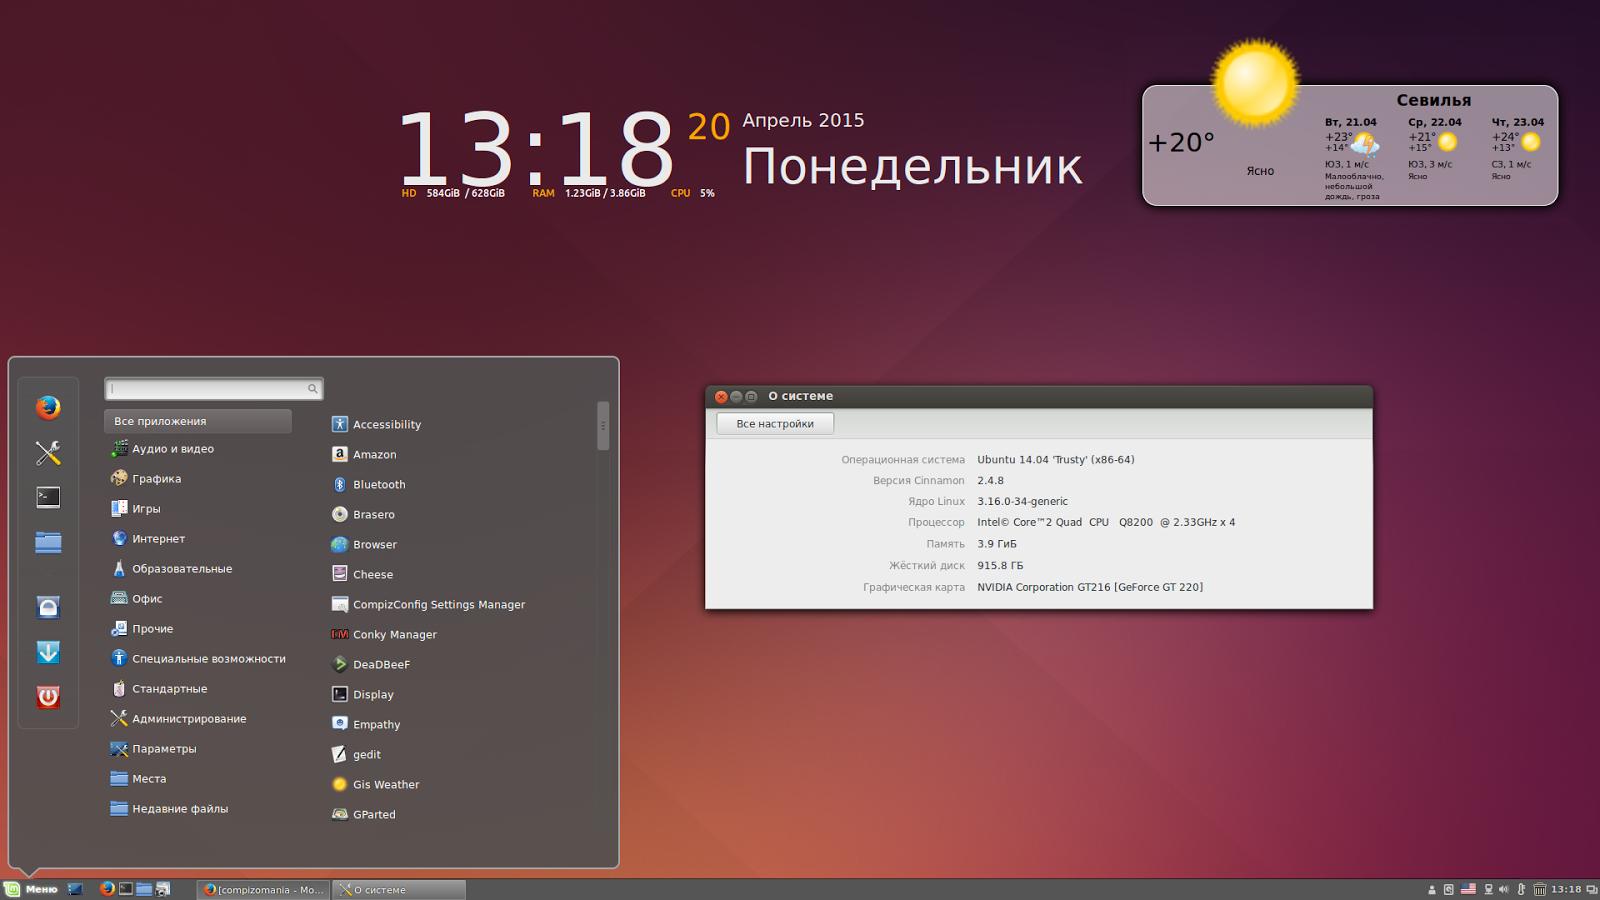 Установка Ubuntu Linux: инструкция для пользователя Windows 42